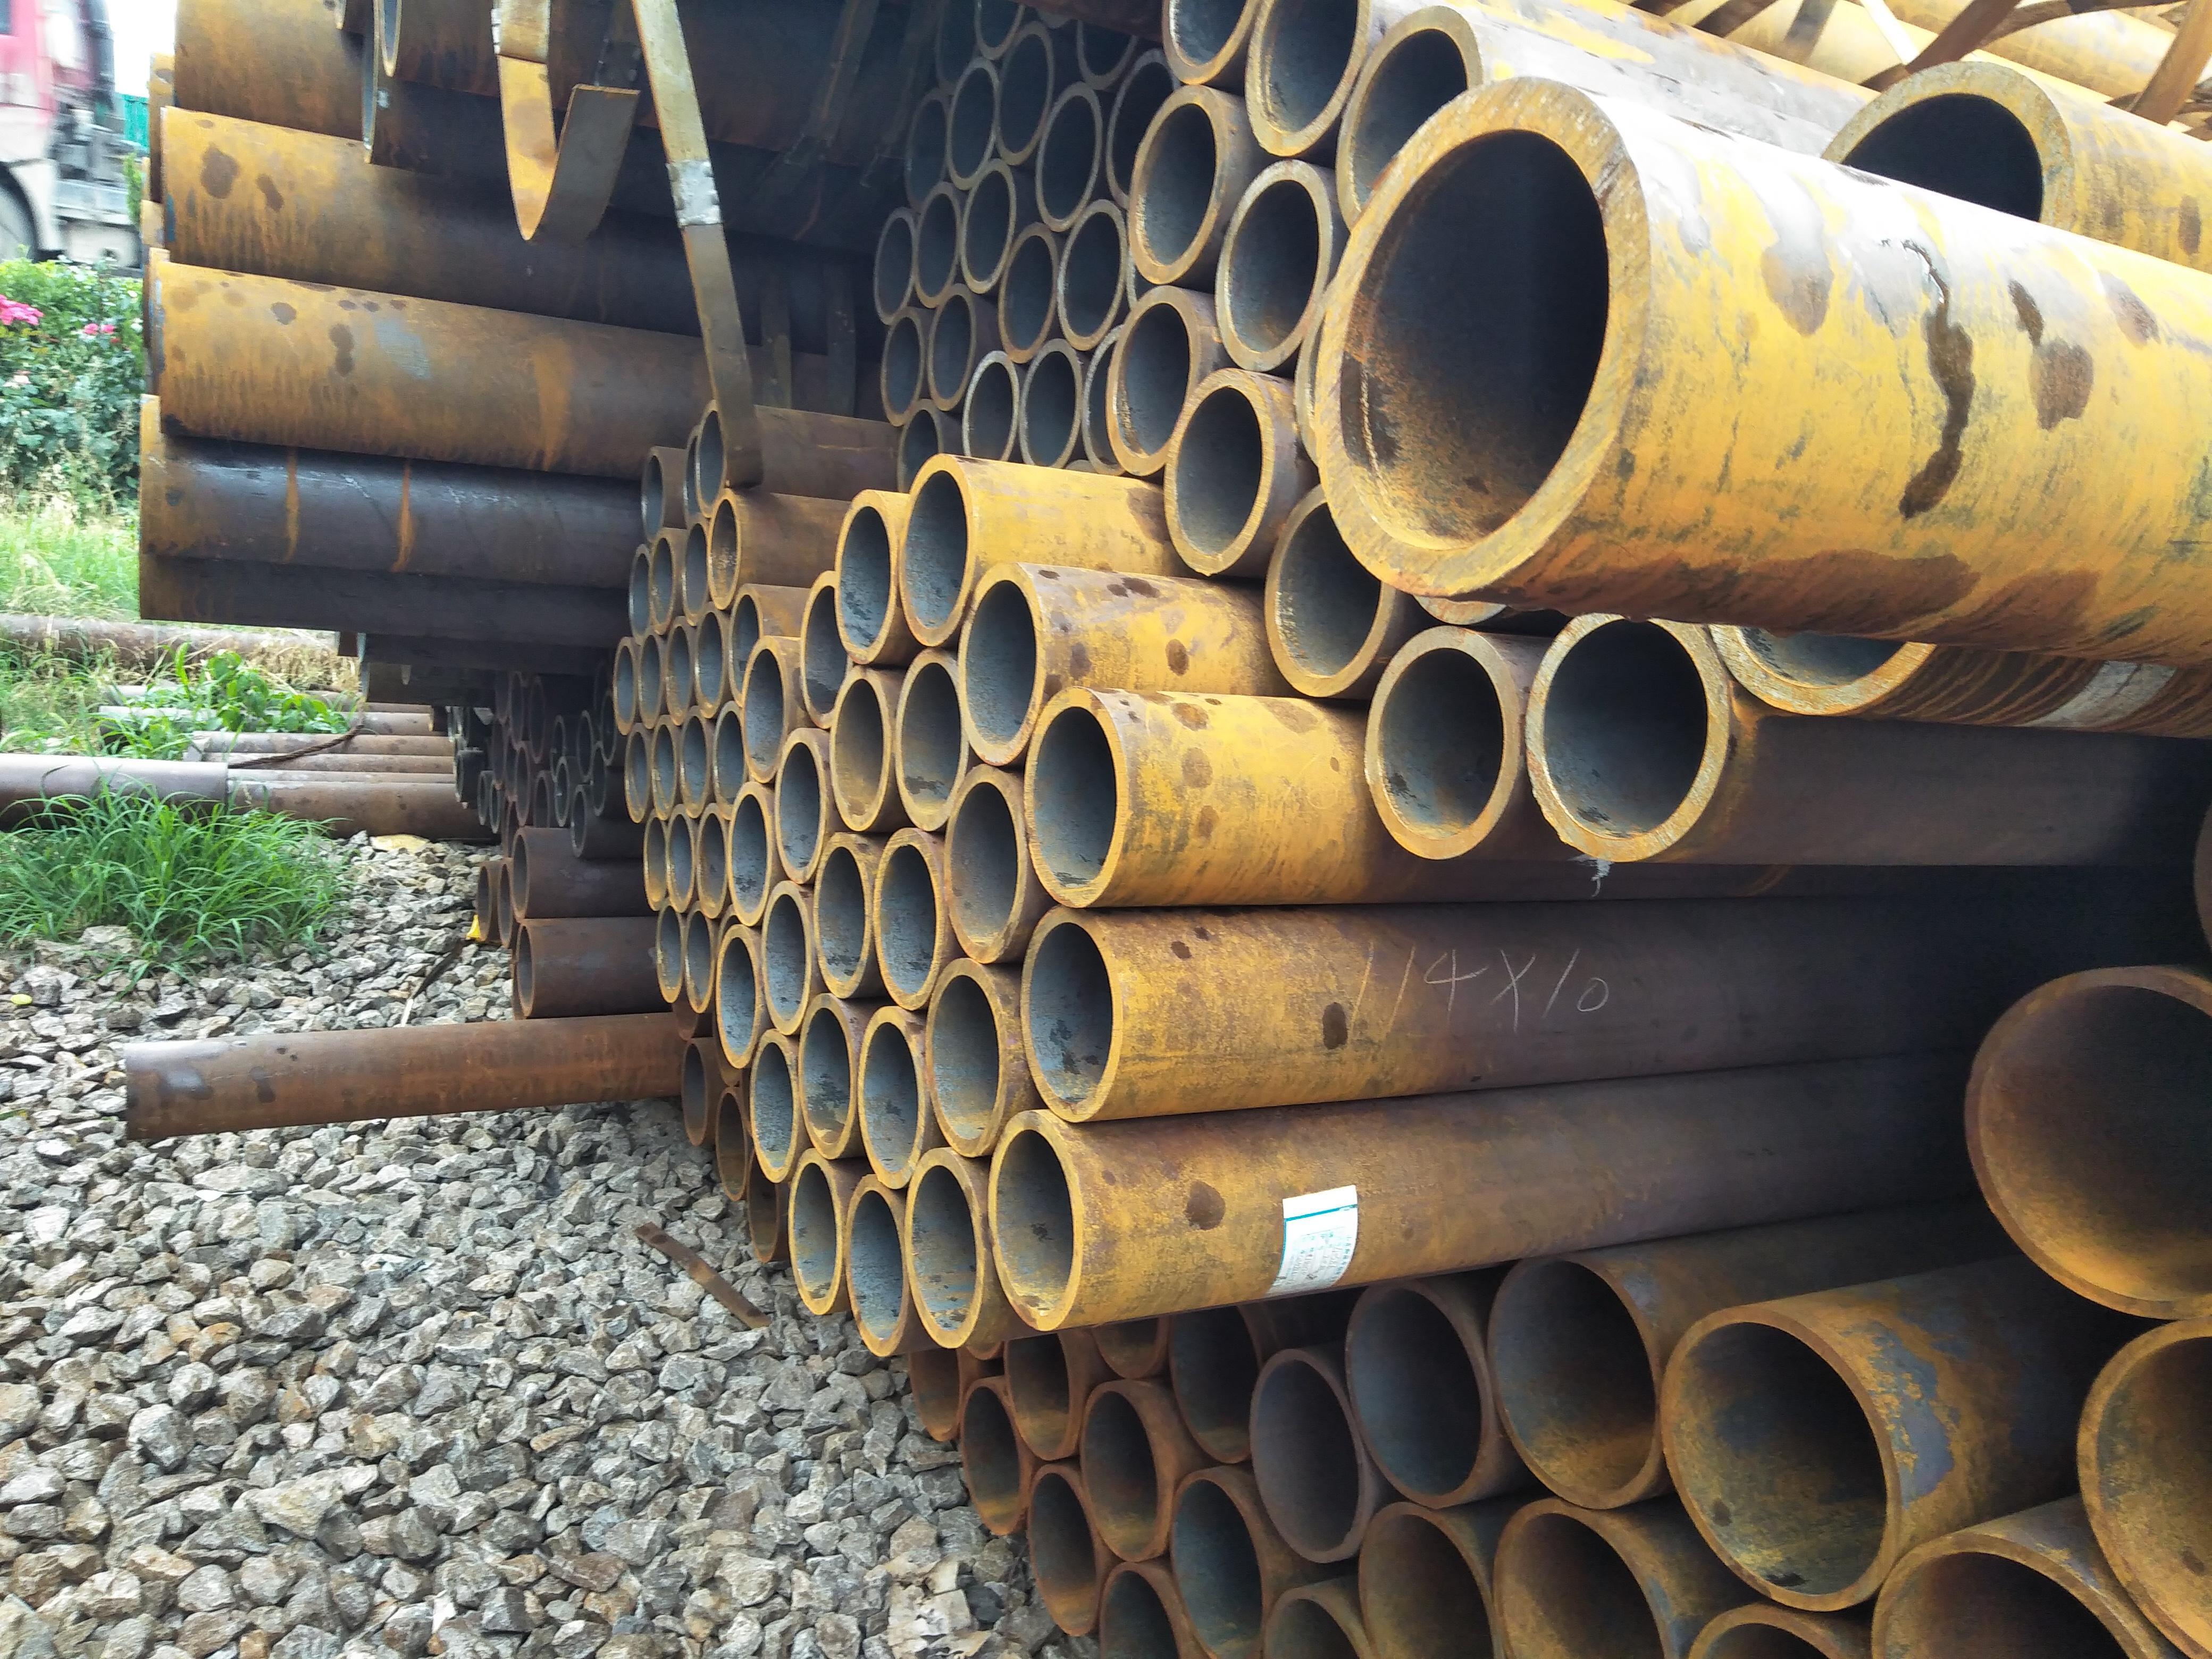 供应GB/T3087无缝钢管  30087标准无缝钢管报价  3087无缝钢管厂家